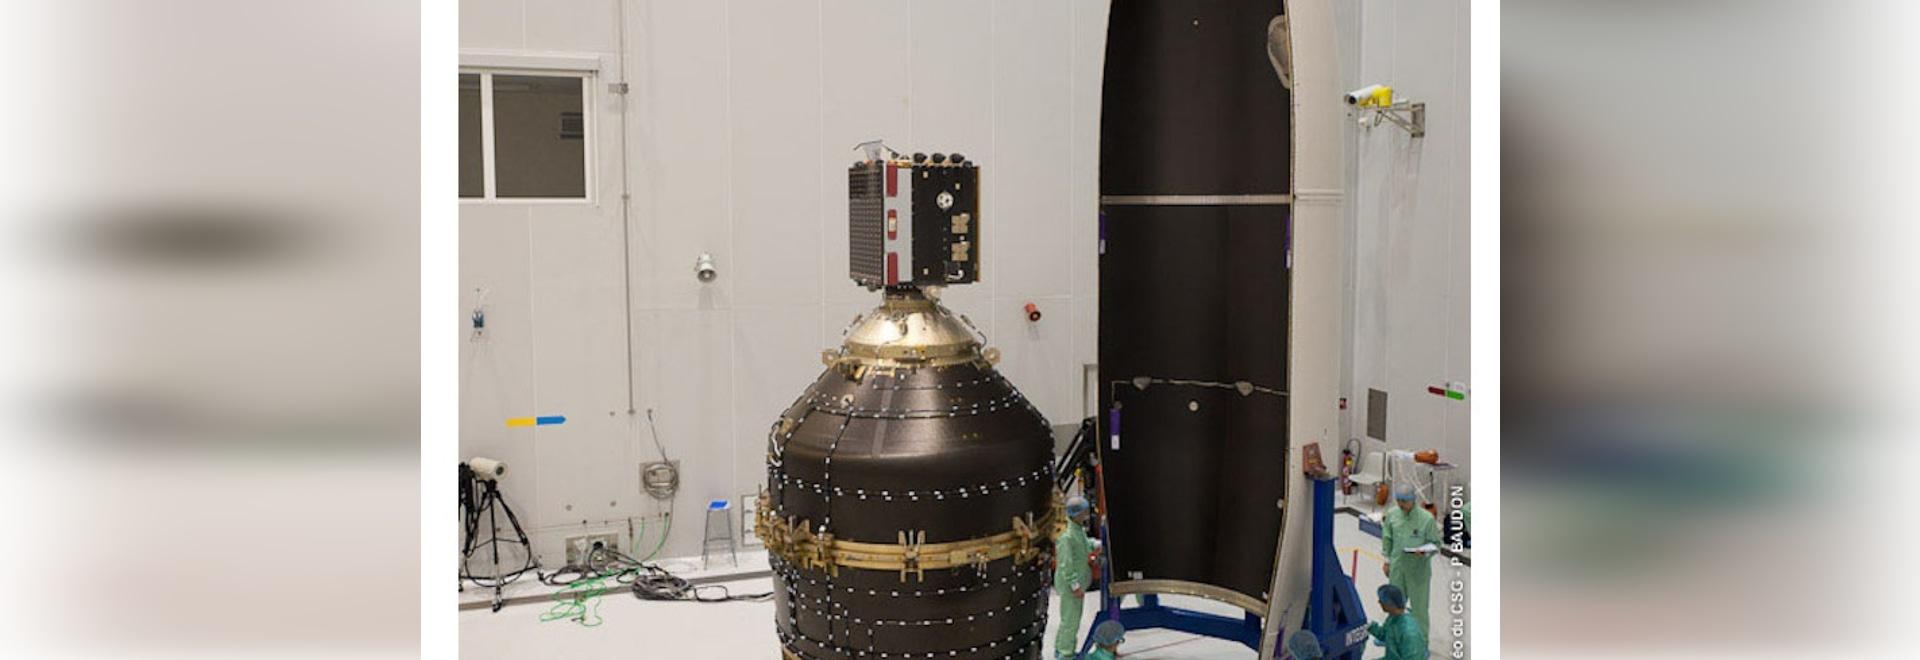 La Agencia Espacial Europea lanzará un robot para limpiar el espacio